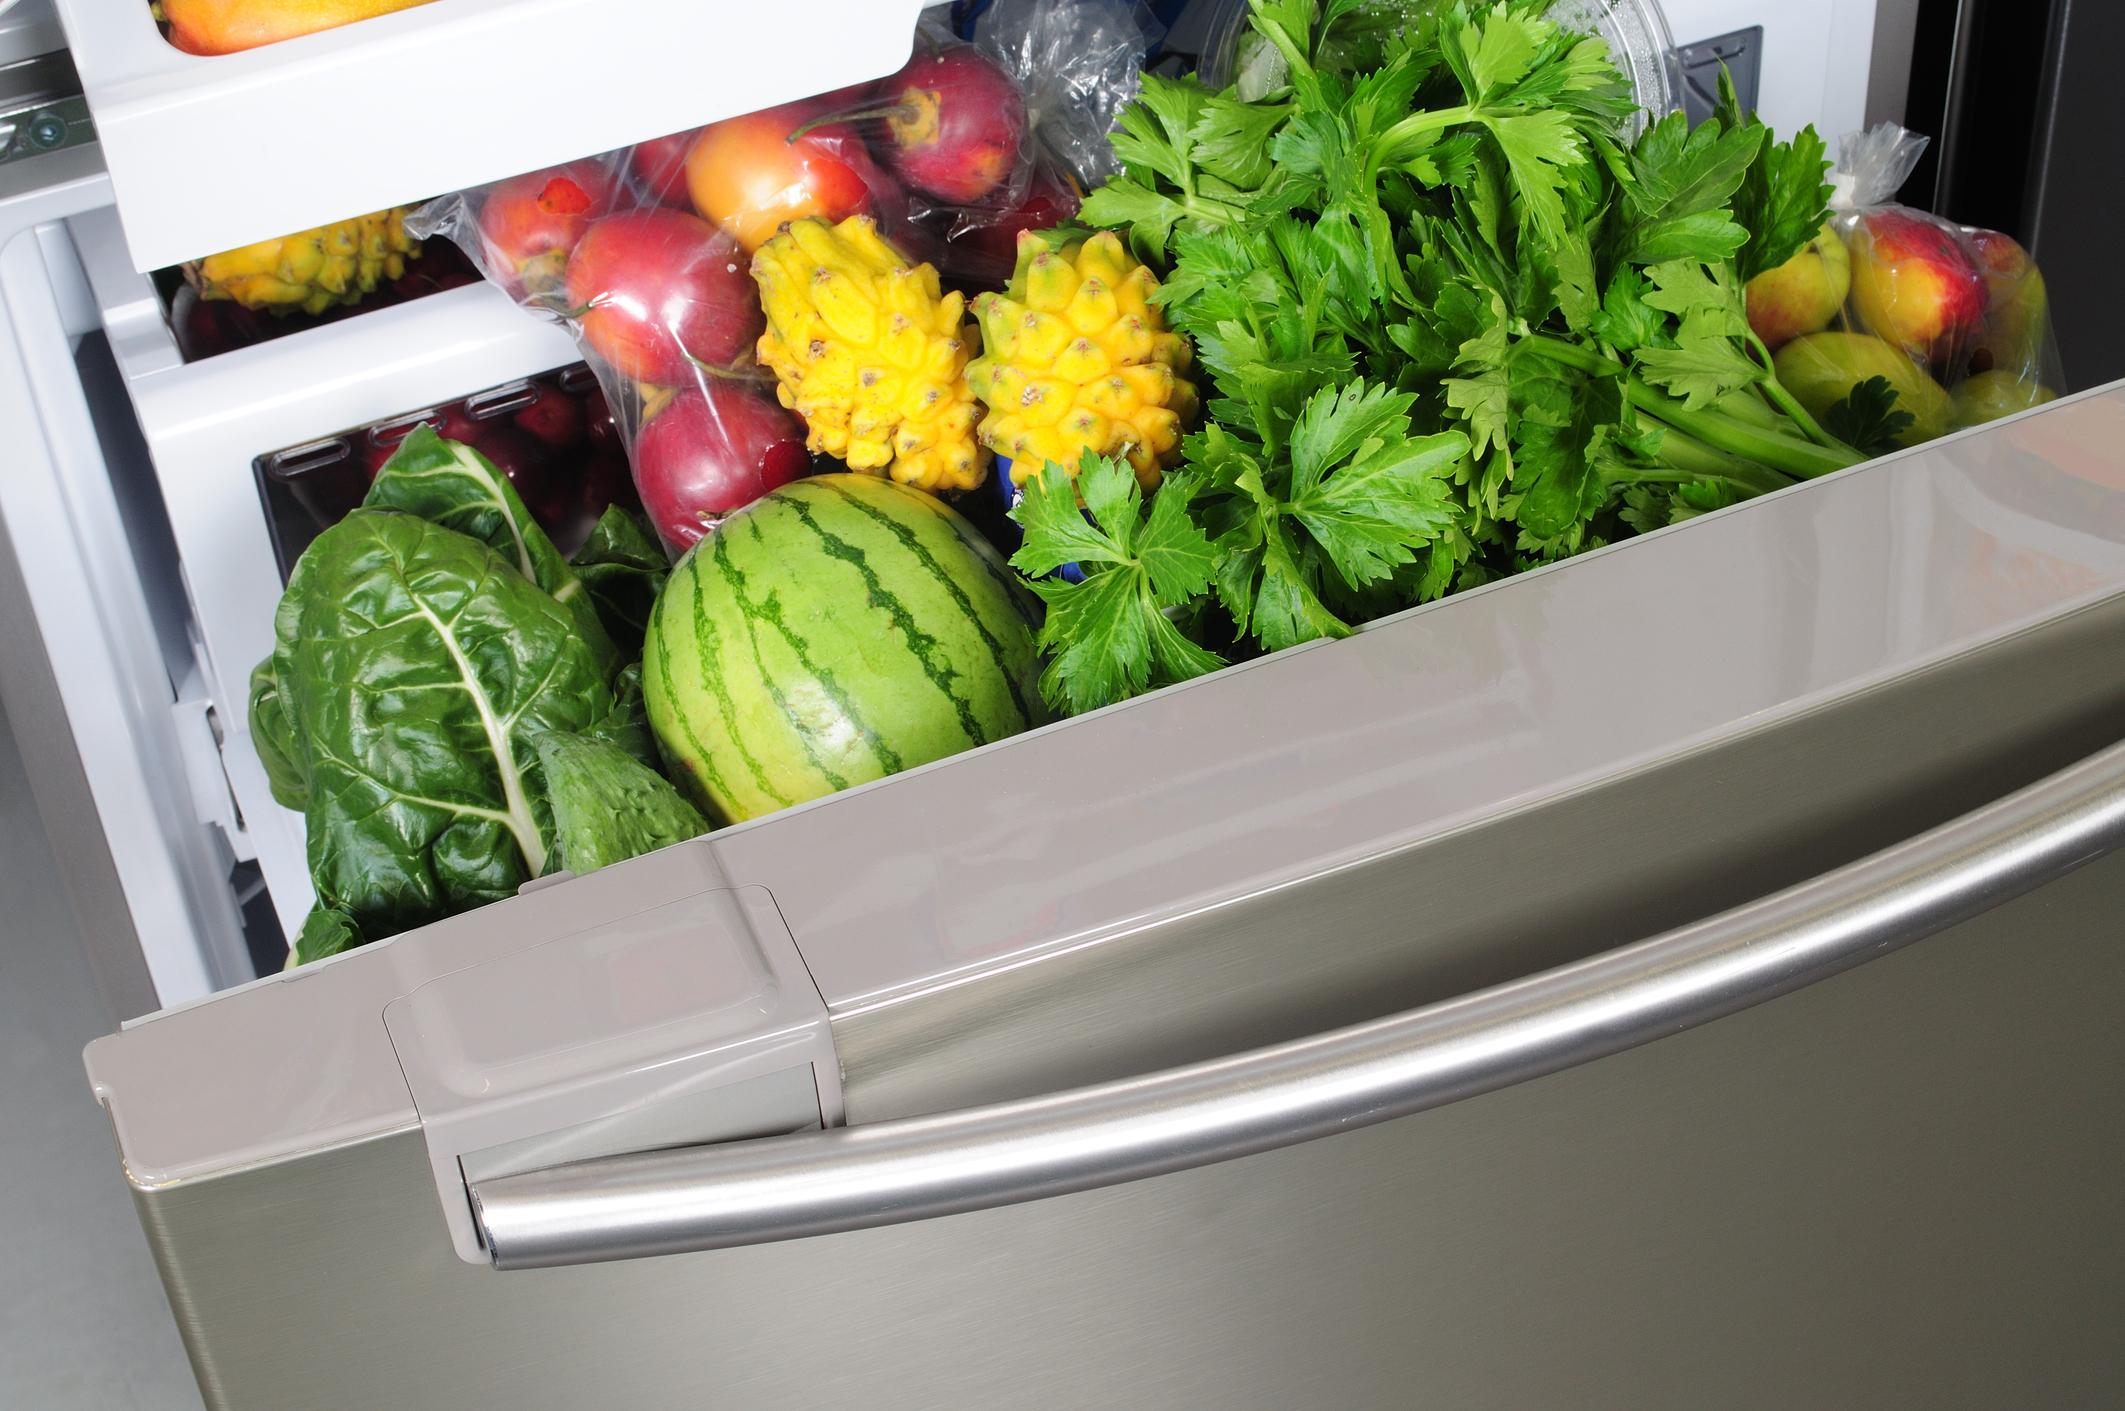 Рафтът (шкафче иби отделение) за зеленчуци в хладилника ви. Свежите зеленчуци и плодове, без да са измити също може да имат вредни бактерии, затова винаги бъдете сигурни, че първо измивате продуктите, преди да ги приберете. Това не означава, че не трябва да миете и мястото, на което слагате марулите, например. Мийте поне един до два пъти в месеца това отделение.